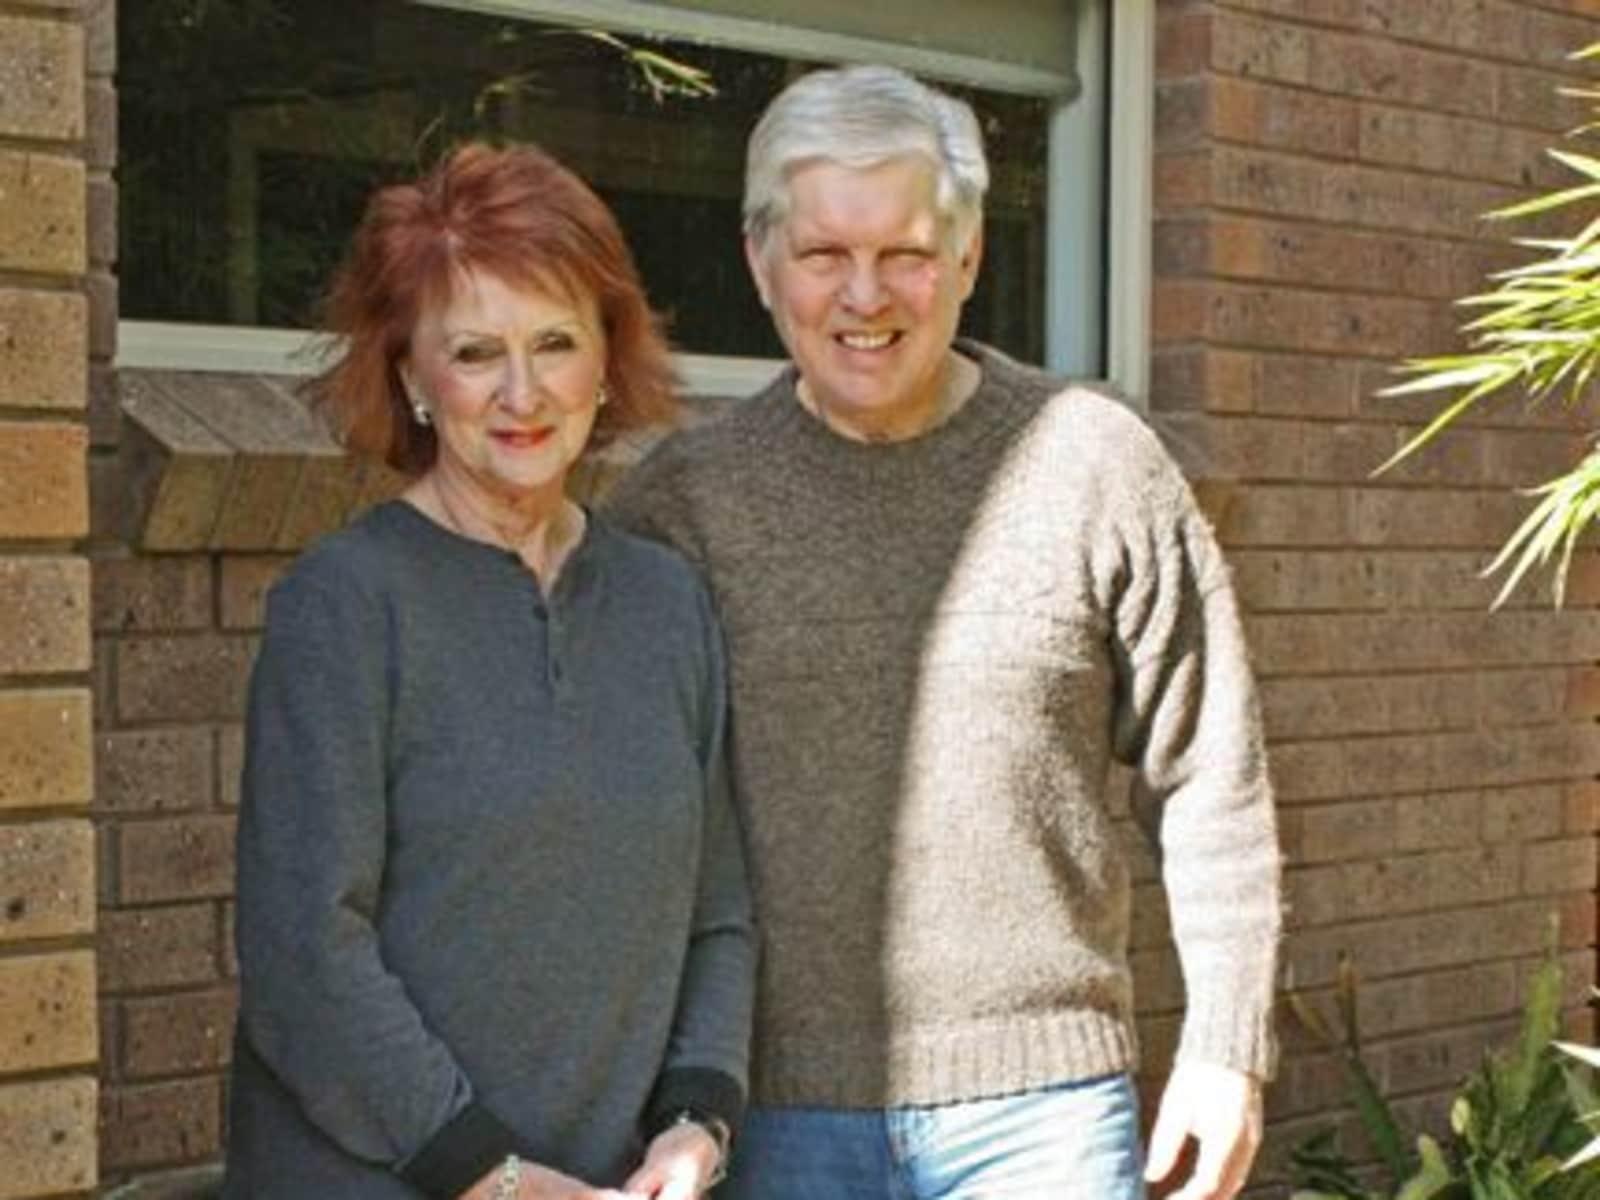 Eileen & David from Ballarat Central, Victoria, Australia